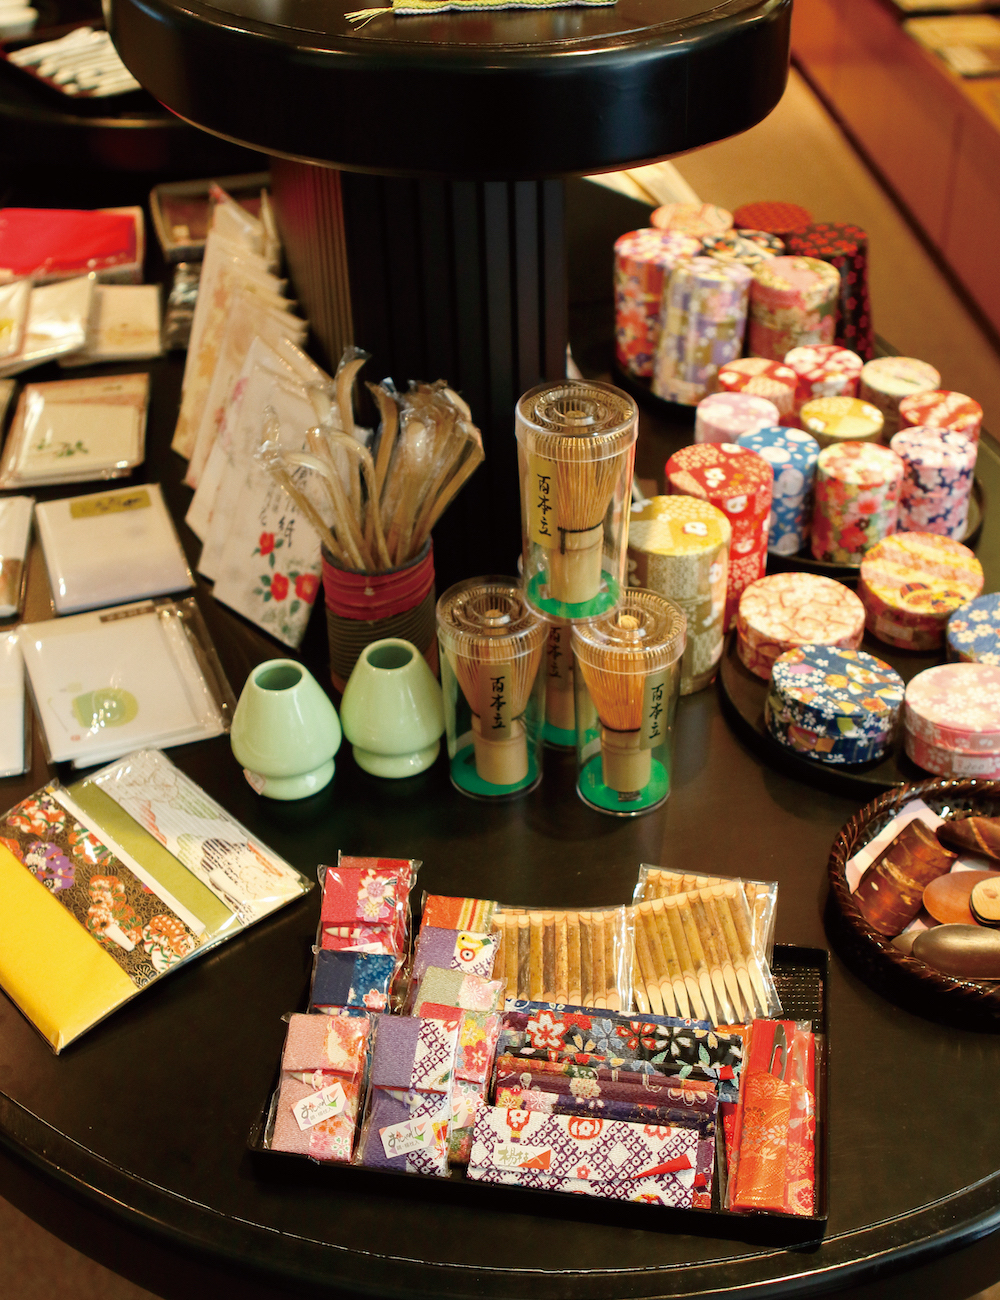 博物馆内贩售各种与茶相关的周边商品,种类齐全,爱茶人士千万不要错过。